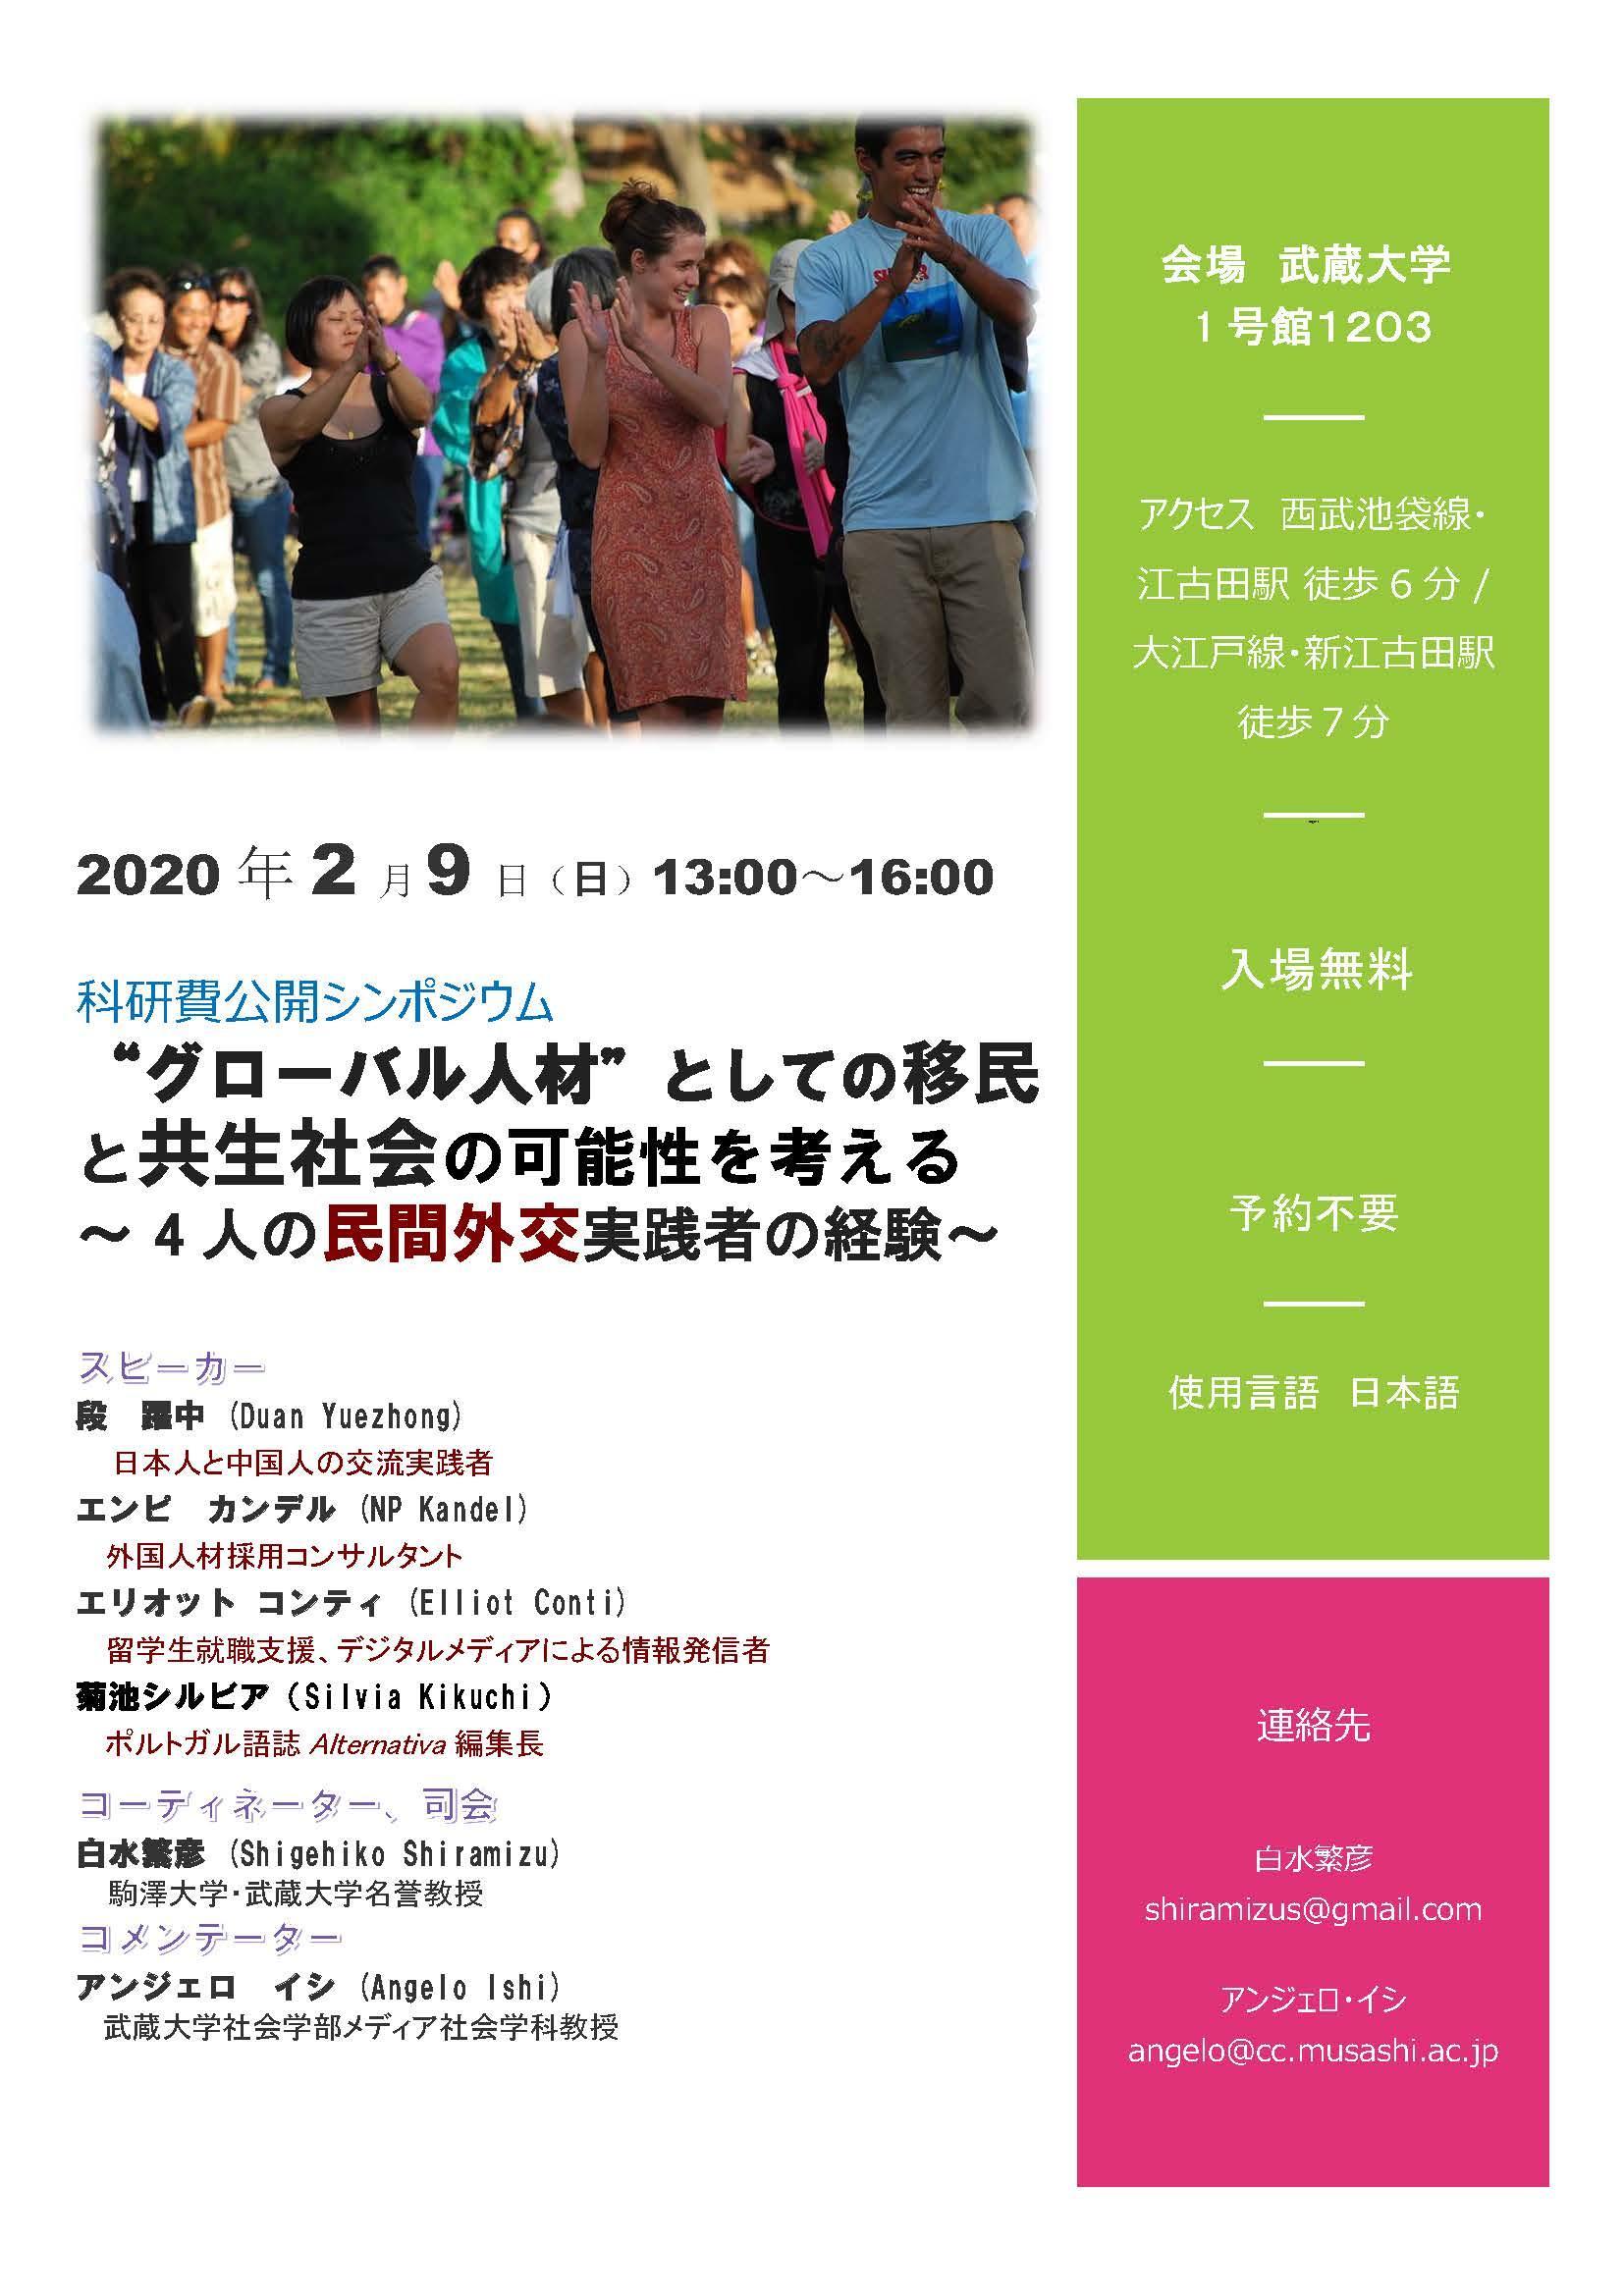 【武蔵大学】科研費公開シンポジウム「『グローバル人材』としての移民と共生社会の可能性を考える~4人の民間外交実践者の経験~」を開催